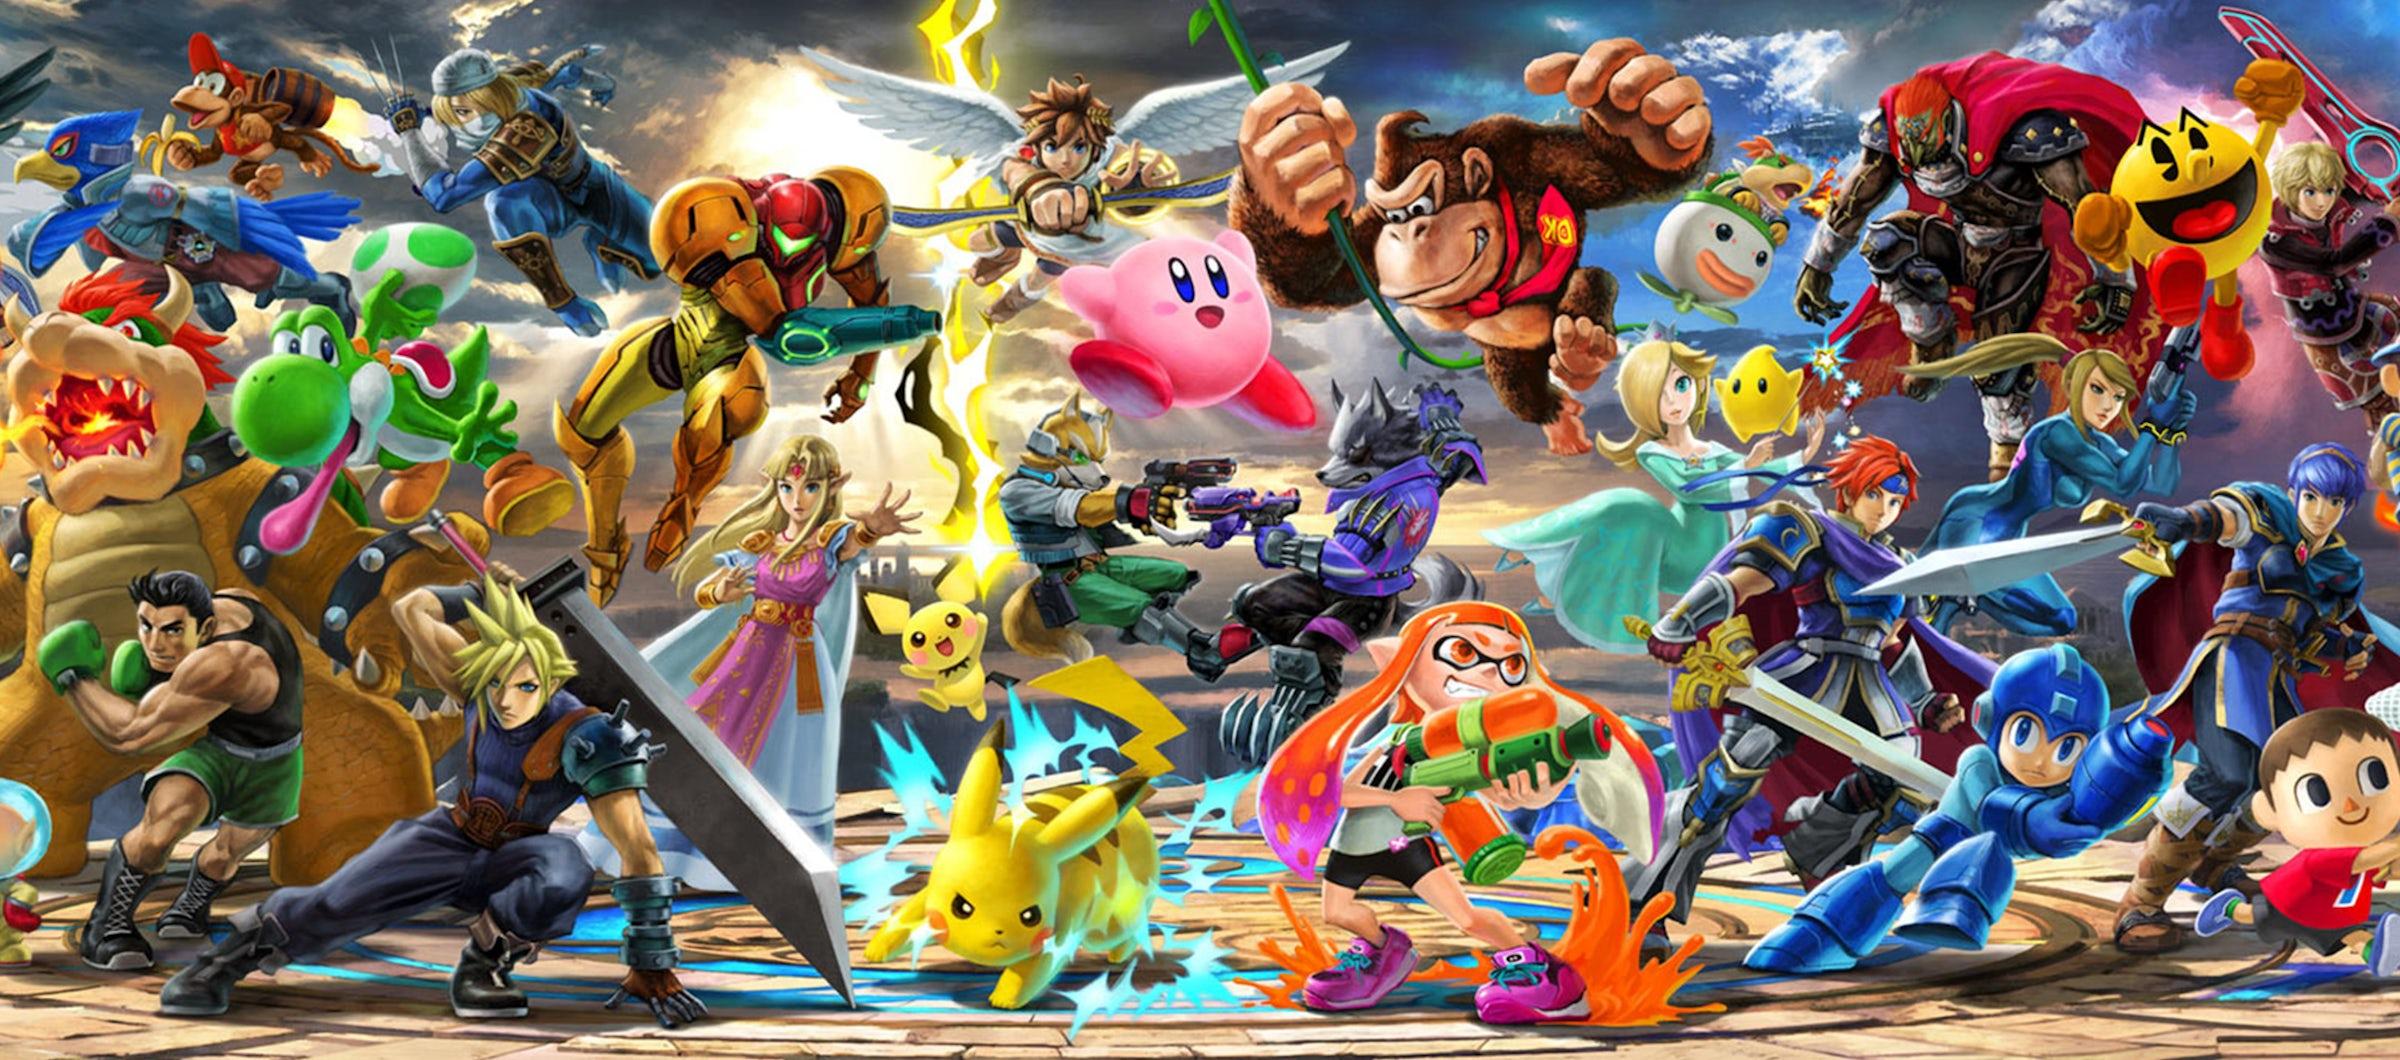 best fighting games super smash bros ultimate 2018 desktop